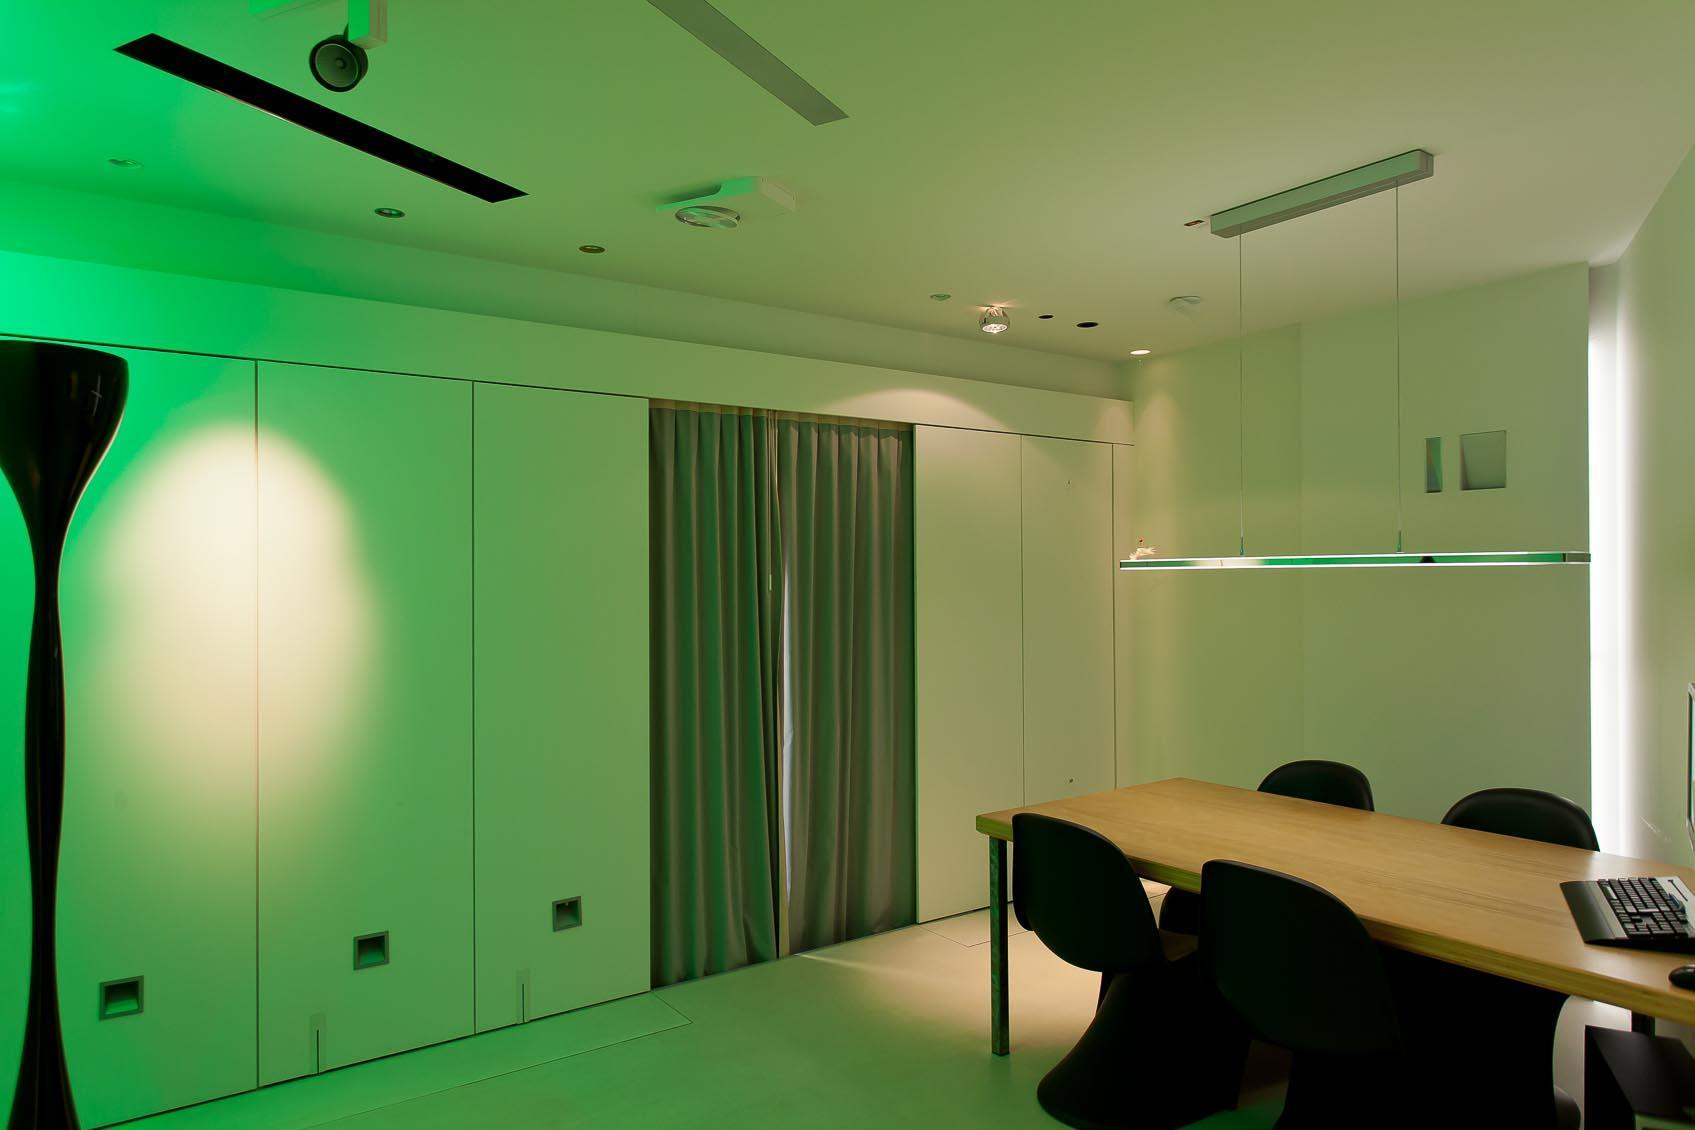 Beleef interieurverlichting in onze design lichtstudio13